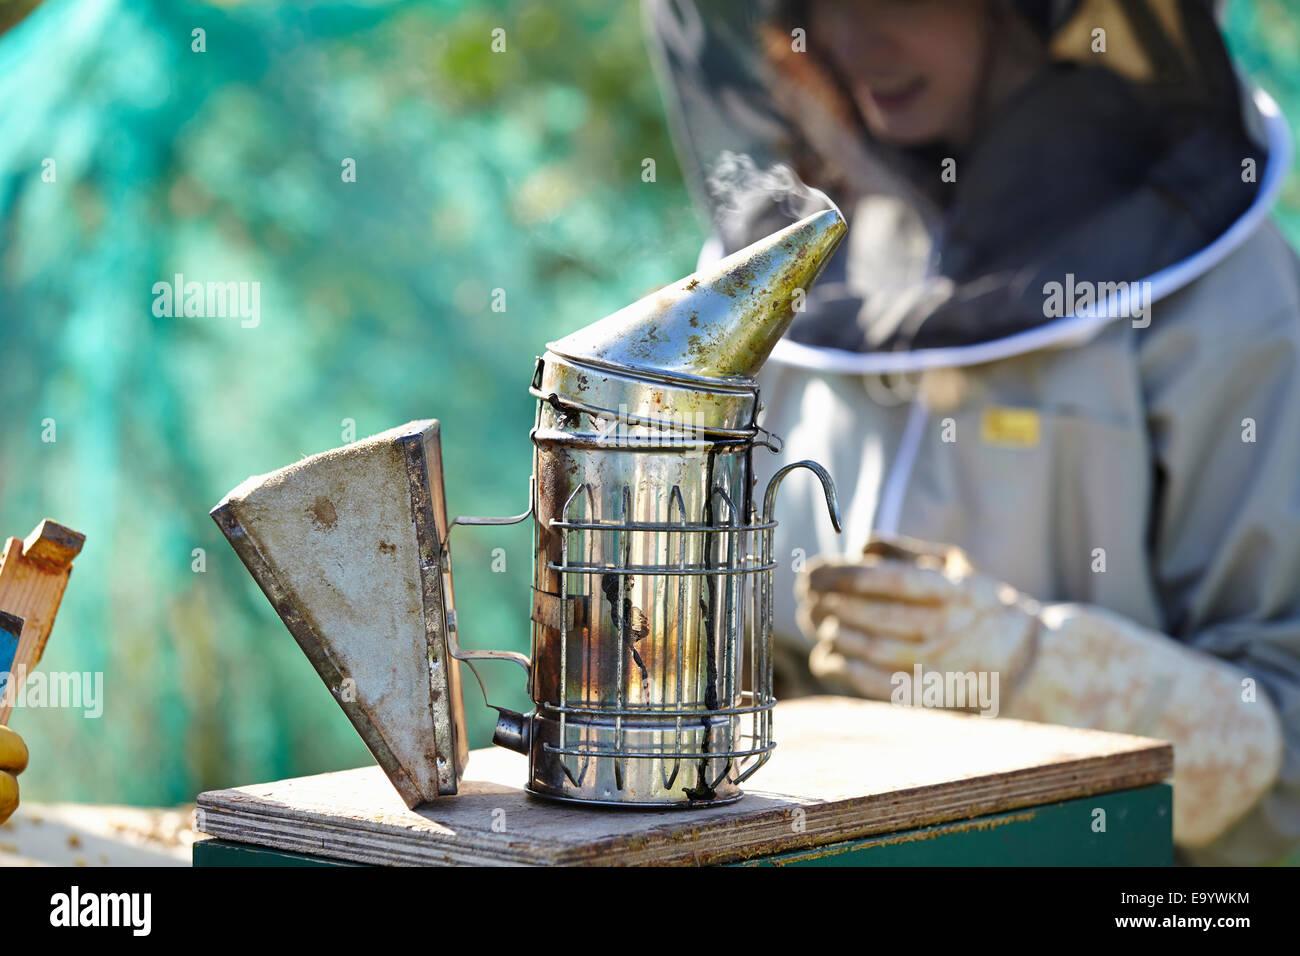 L'apiculteur abeille femelle et fumeur sur l'attribution de la ville Banque D'Images